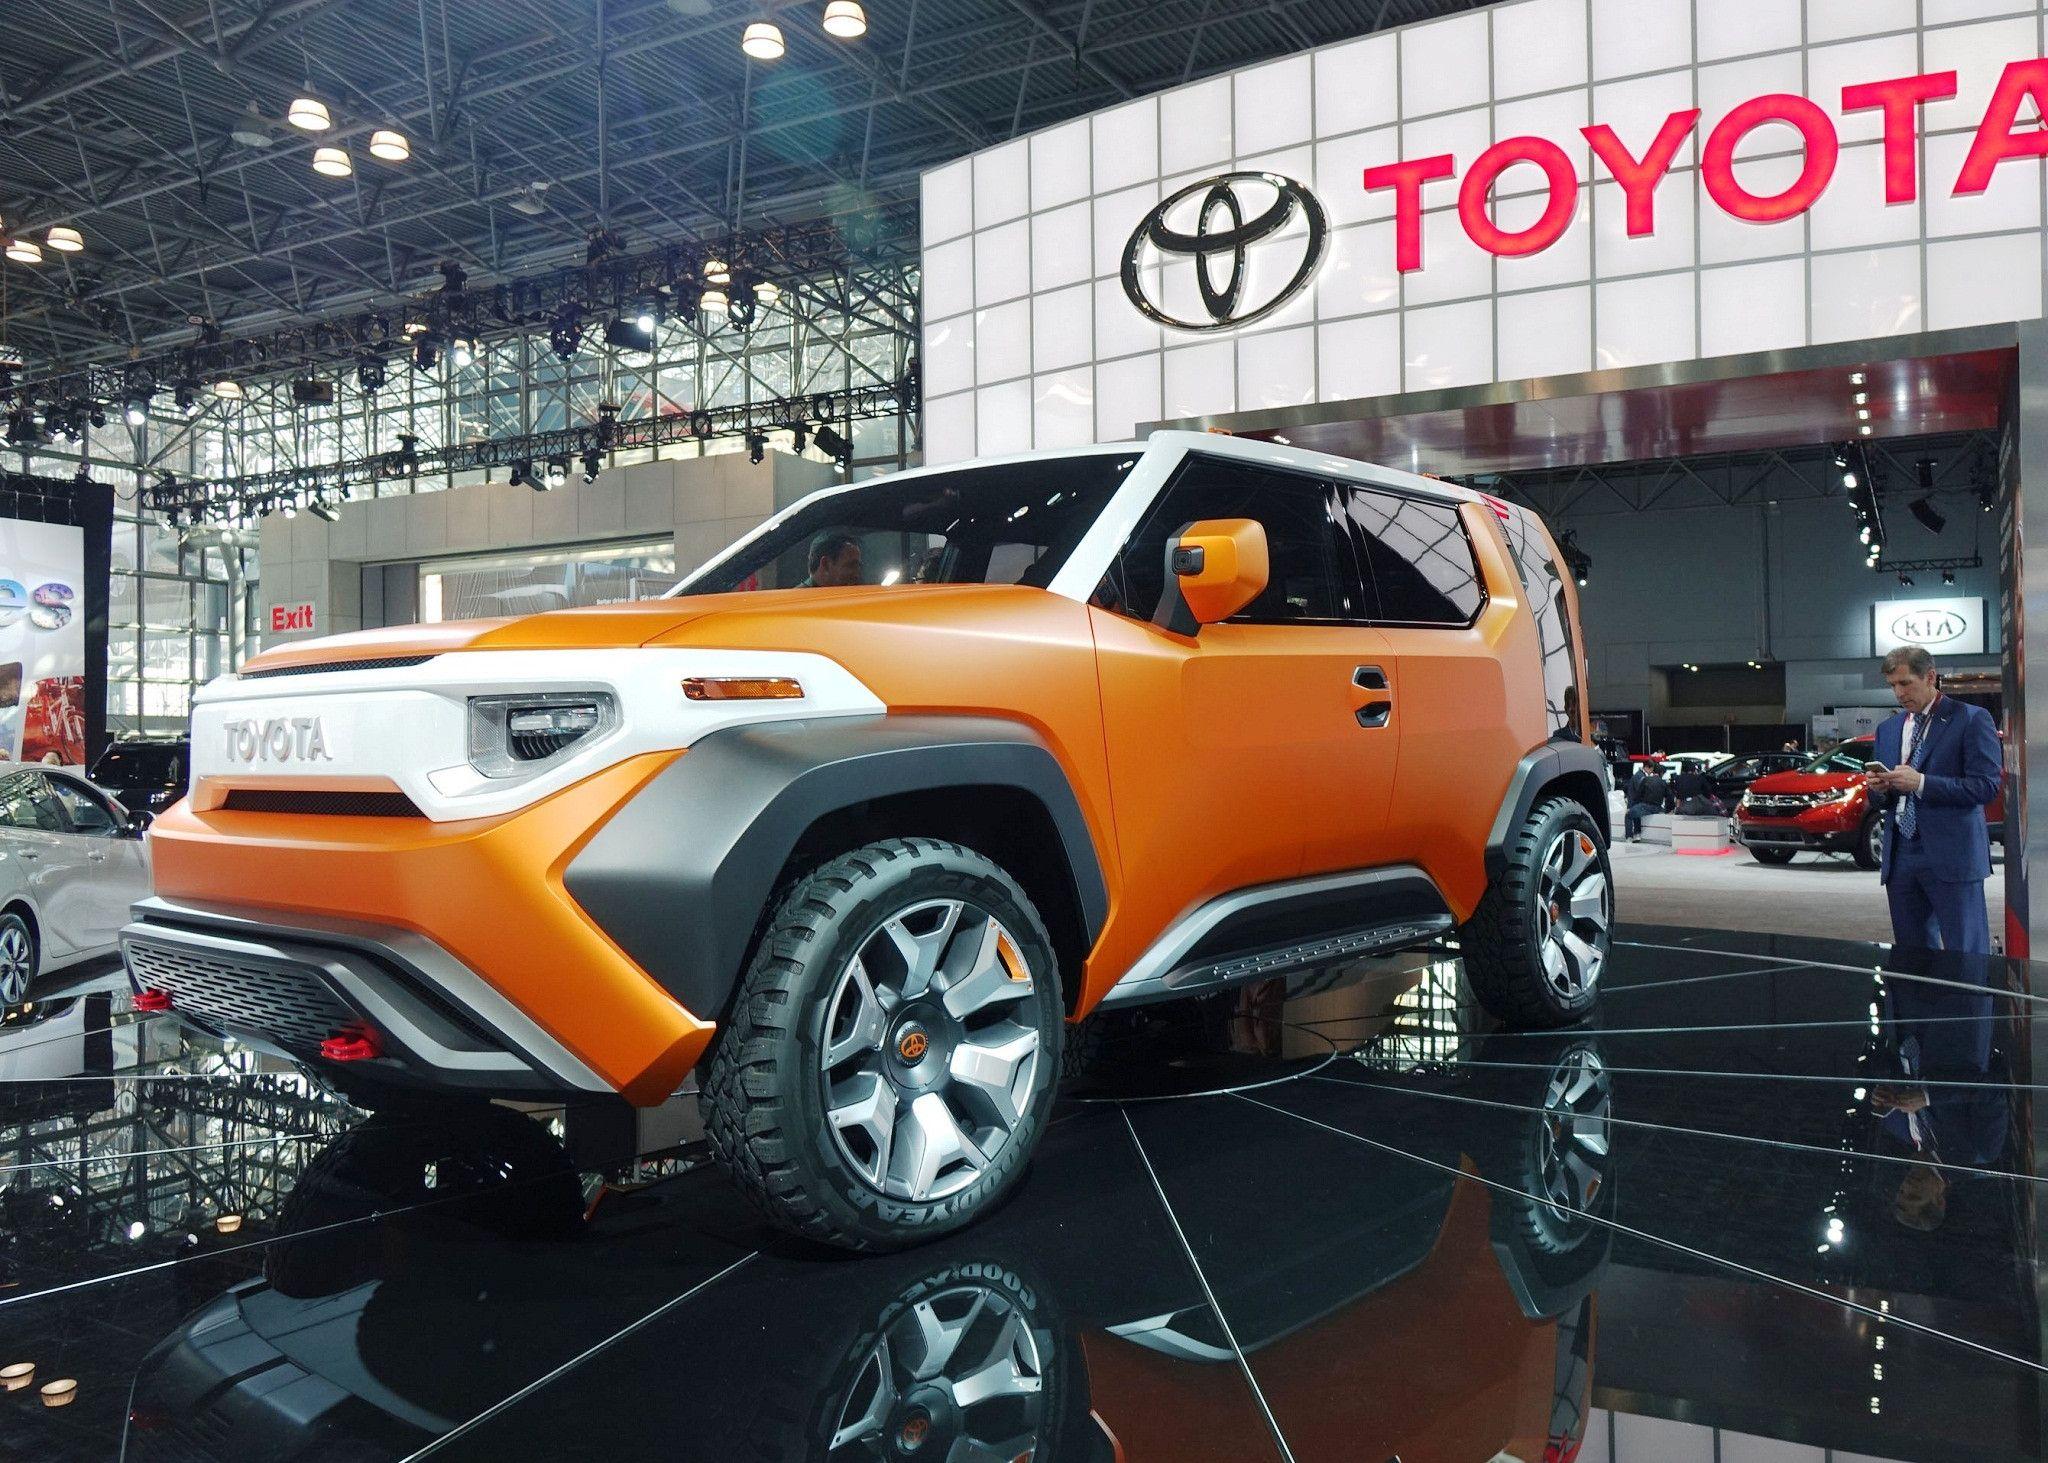 Toyota Fj Cruiser 2020 Price New Review Di 2020 Roda Kemudi Toyota Kain Pelapis